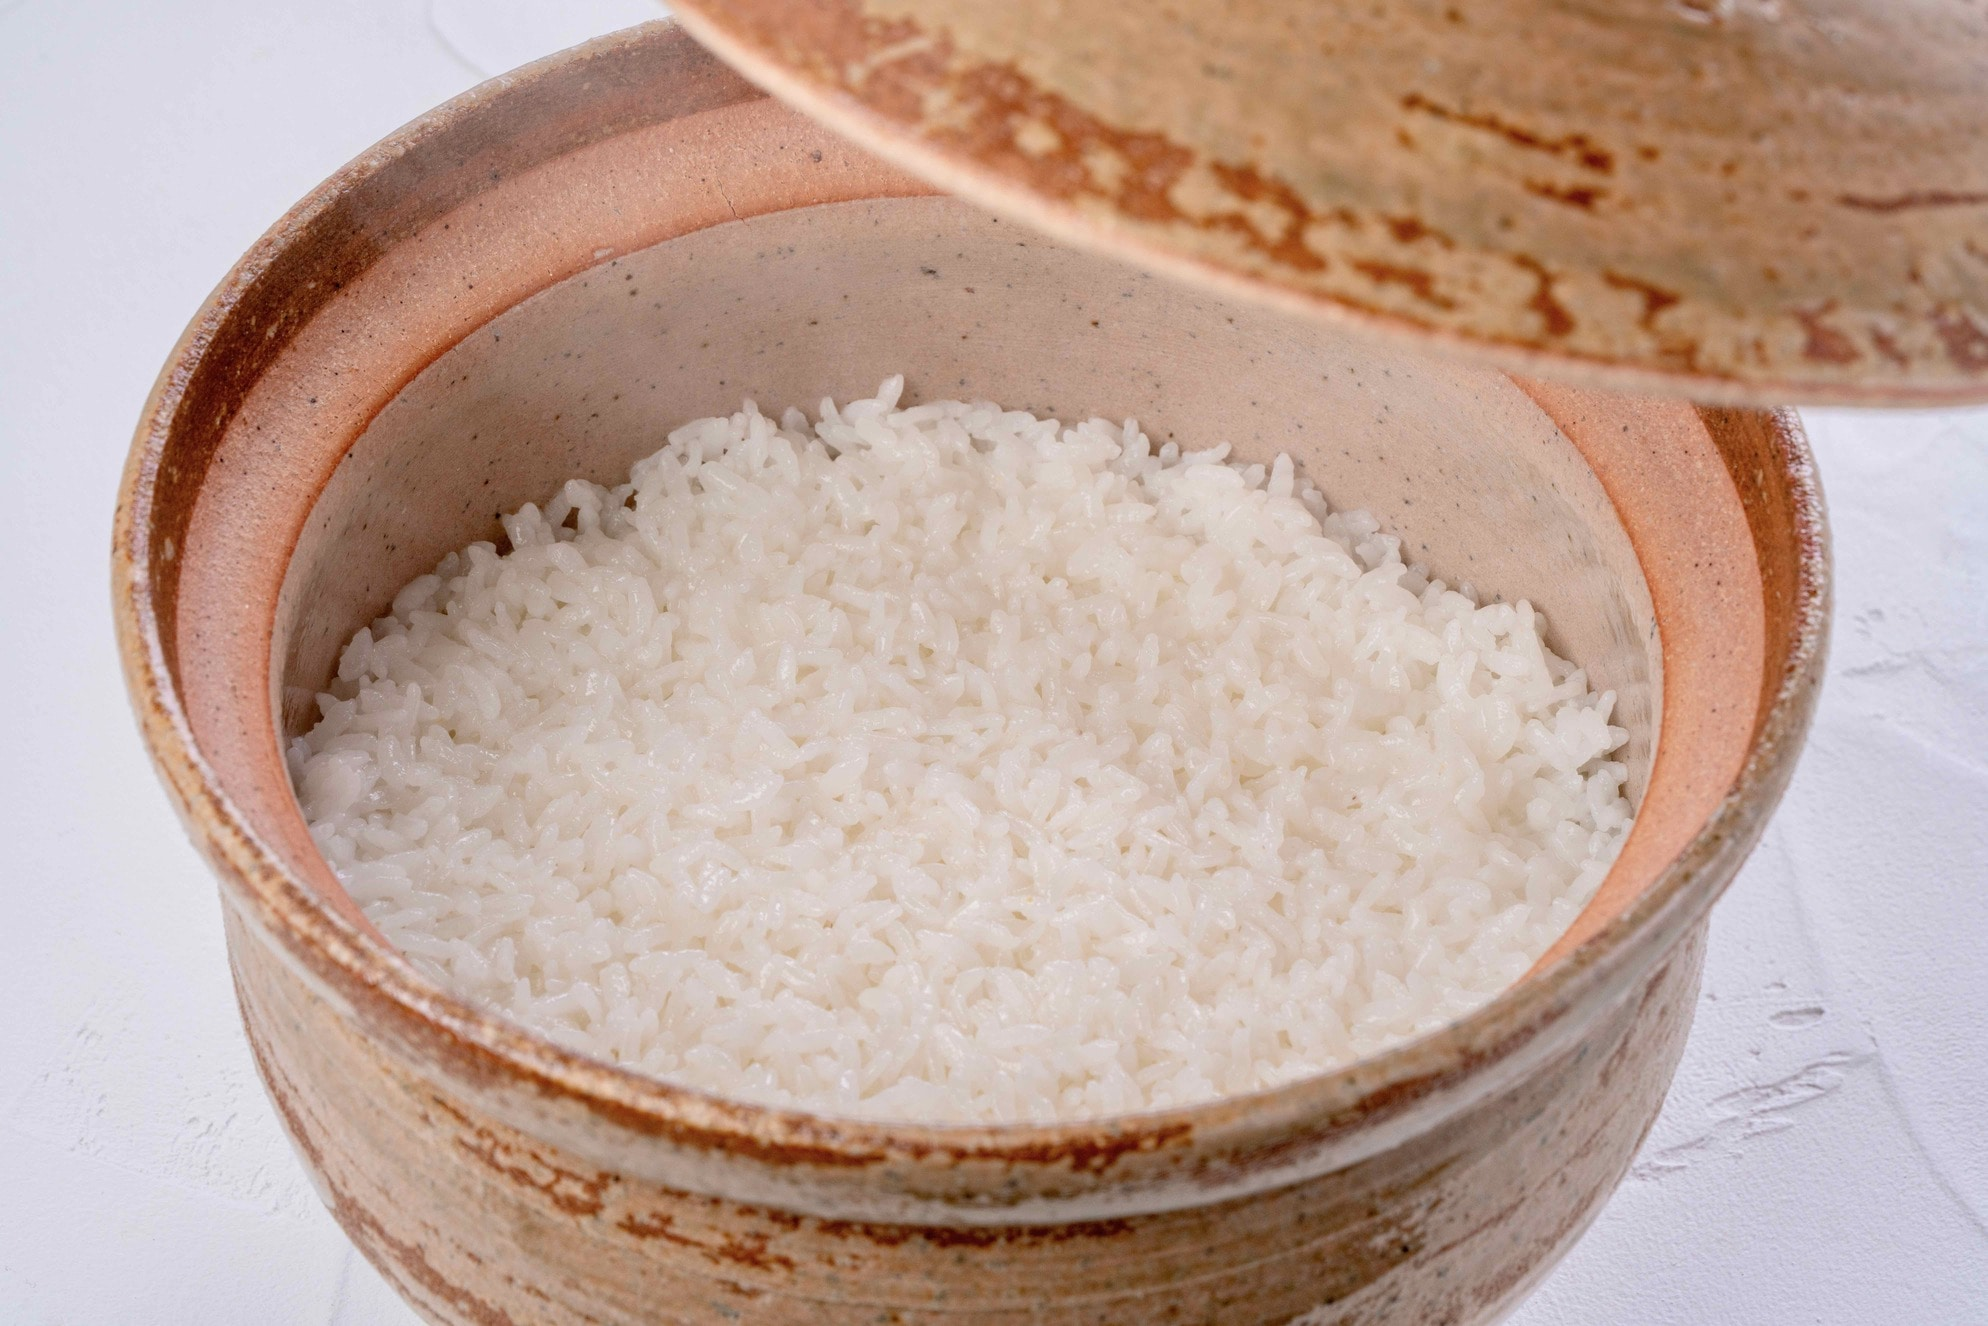 土鍋ご飯,炊きたての北海道産ゆめぴりか